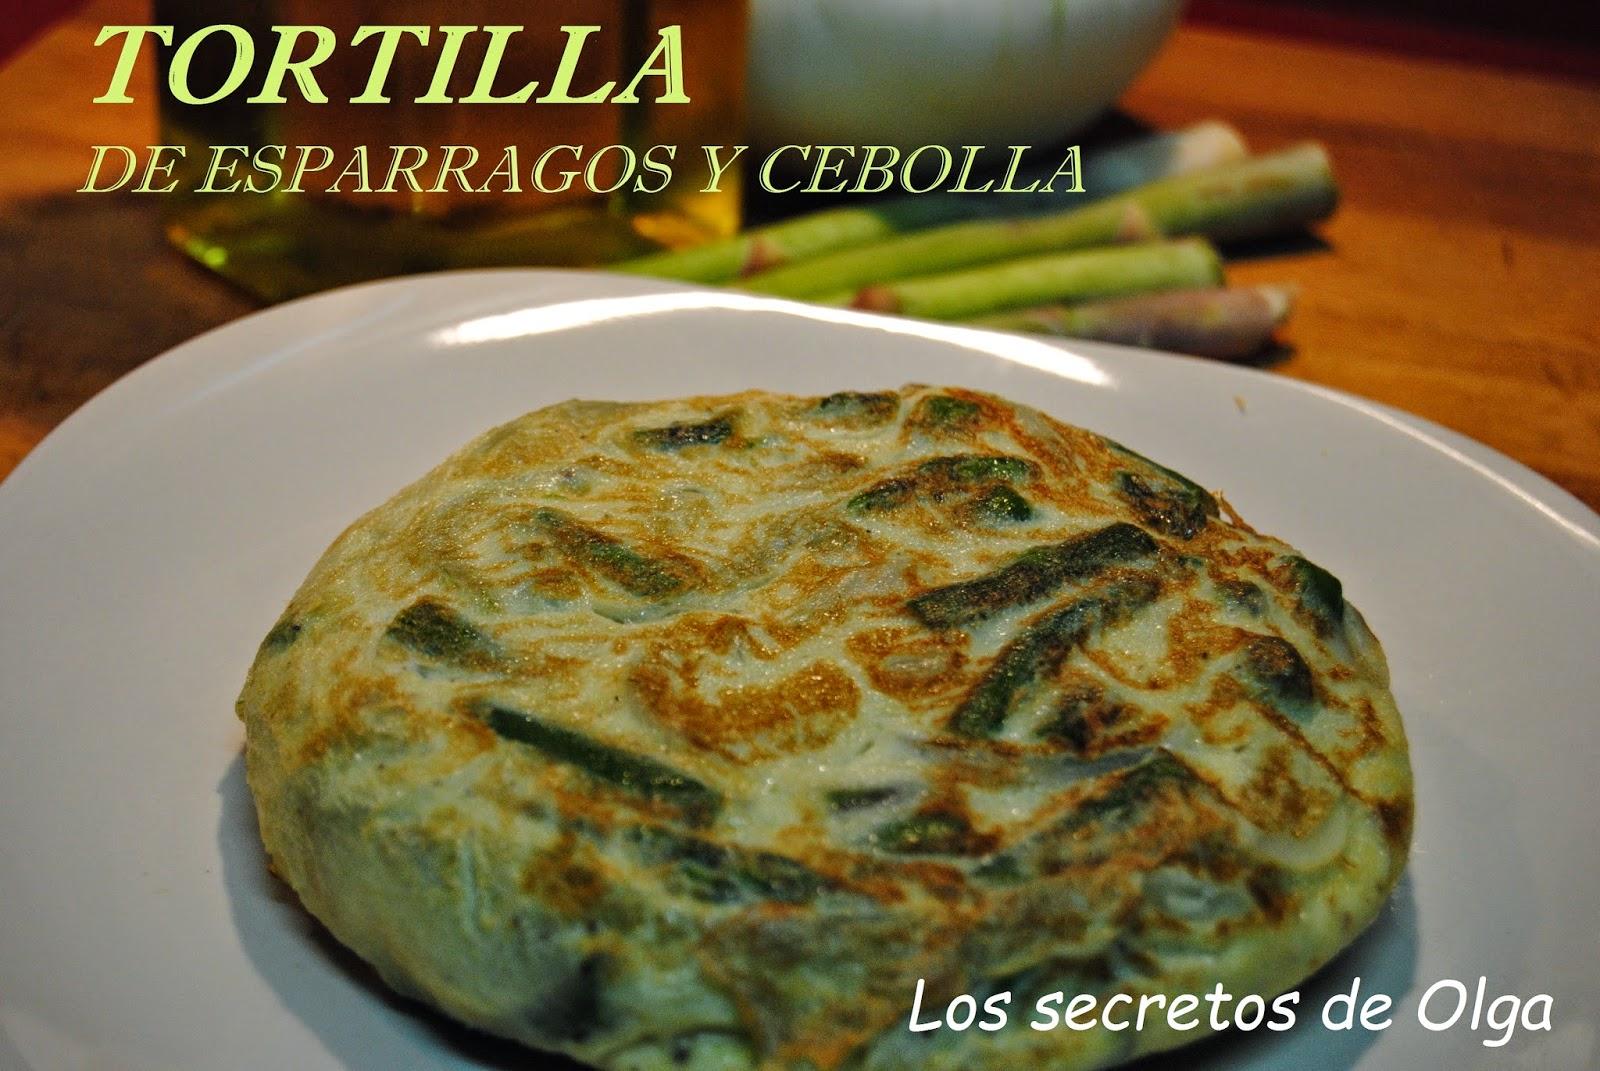 Los secretos de olga tortilla de esparragos y cebolla for Platos rapidos de cocinar